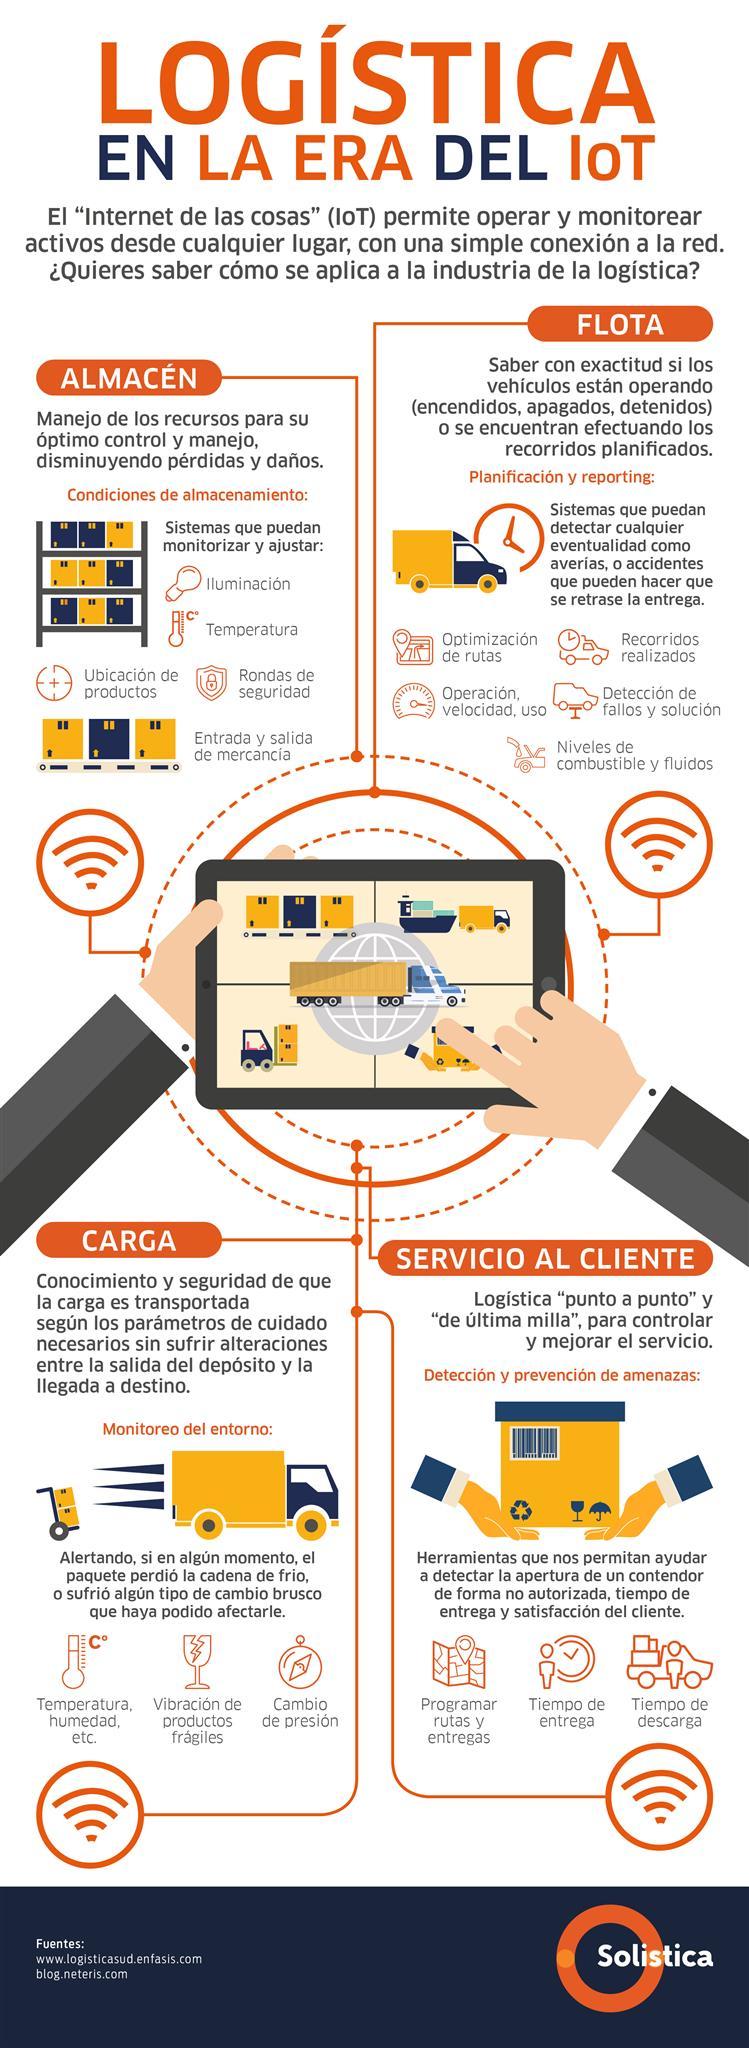 Infografia_10_julio_solistica_V2